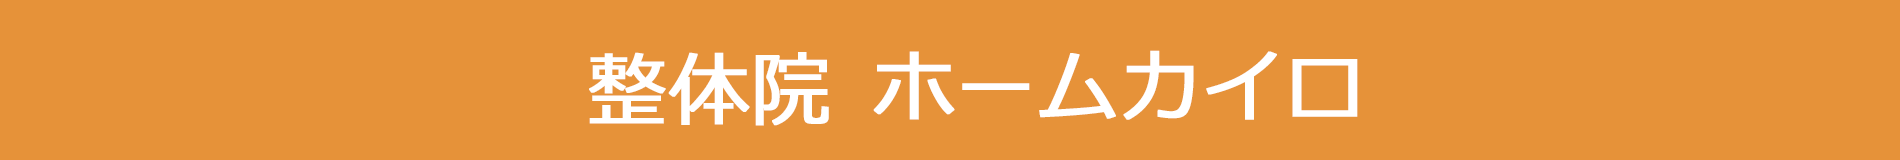 岡崎市の整体院ホームカイロ/整体・骨盤矯正